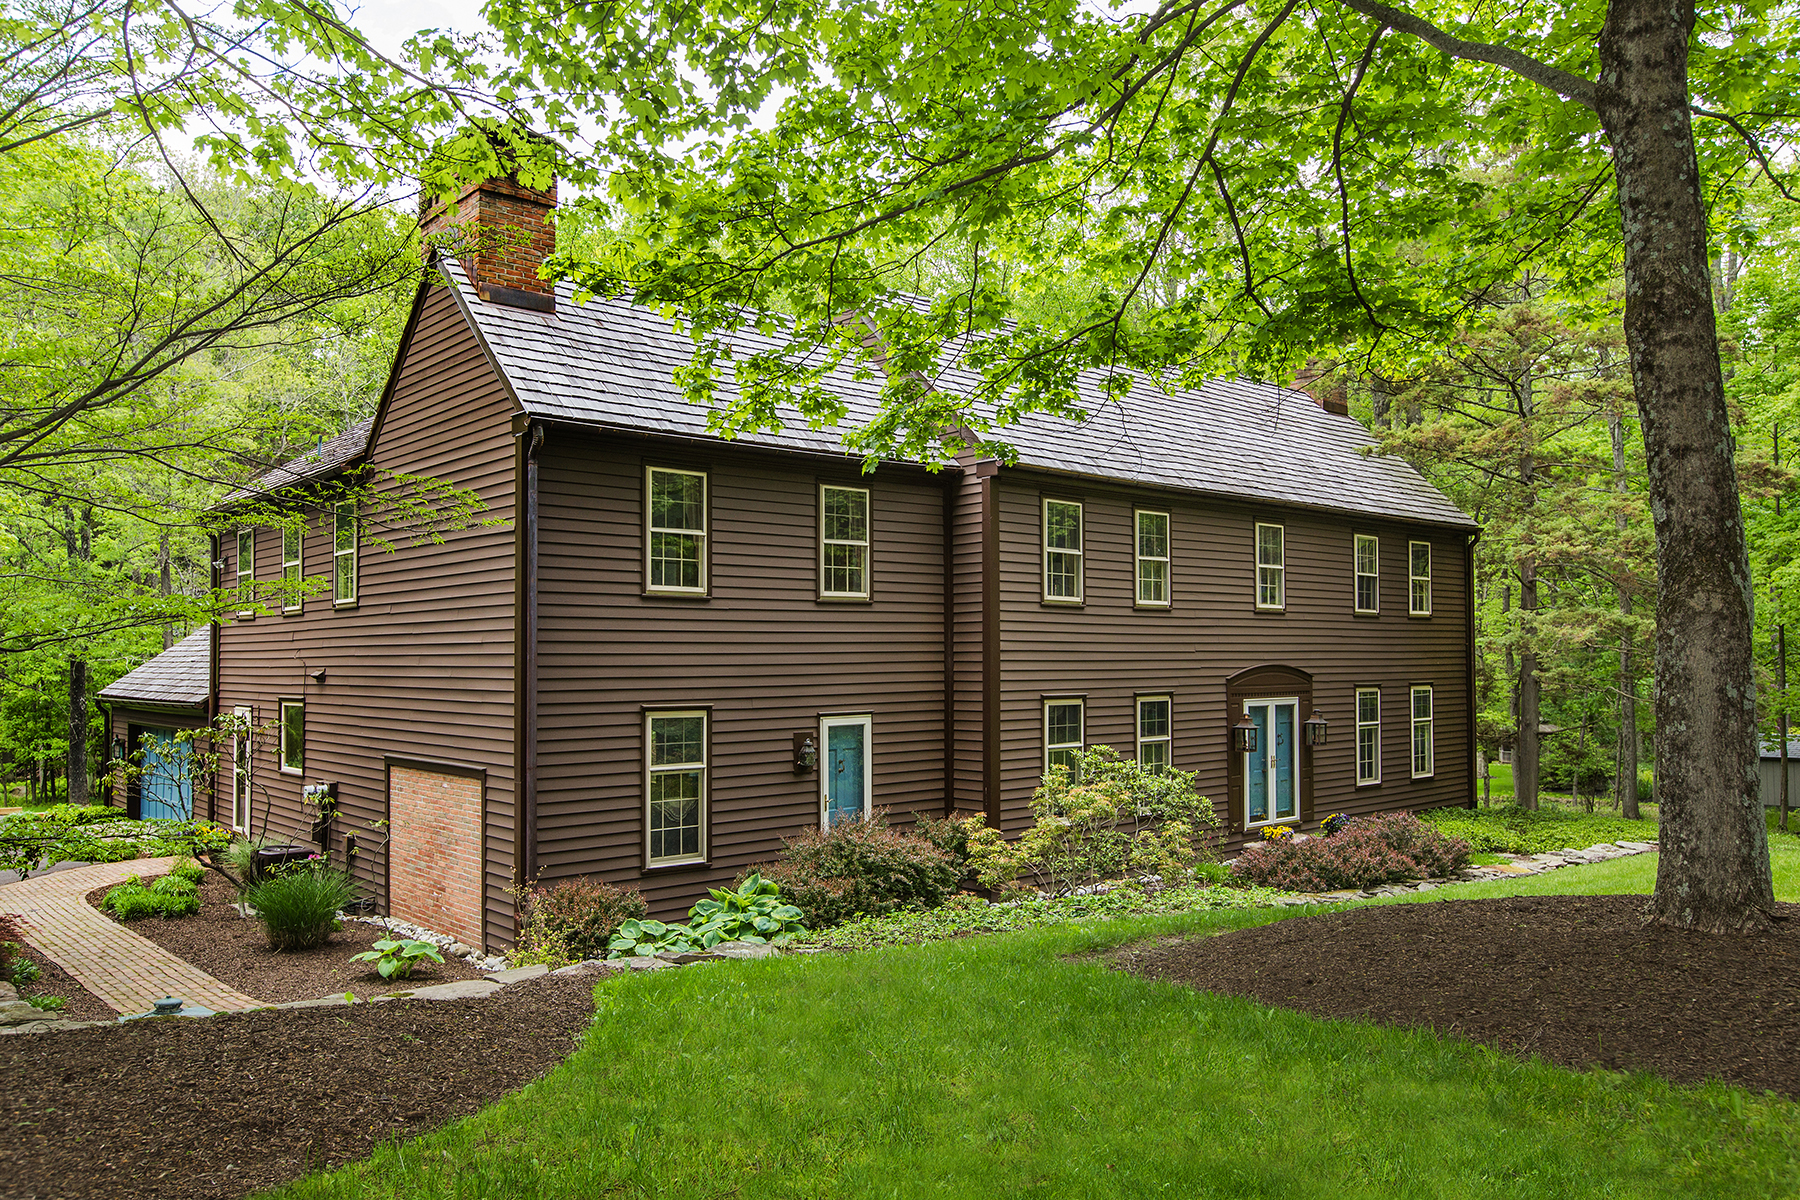 Casa Unifamiliar por un Venta en Carversville, PA 6331 Old Carversville Rd Carversville, Pennsylvania 18913 Estados Unidos